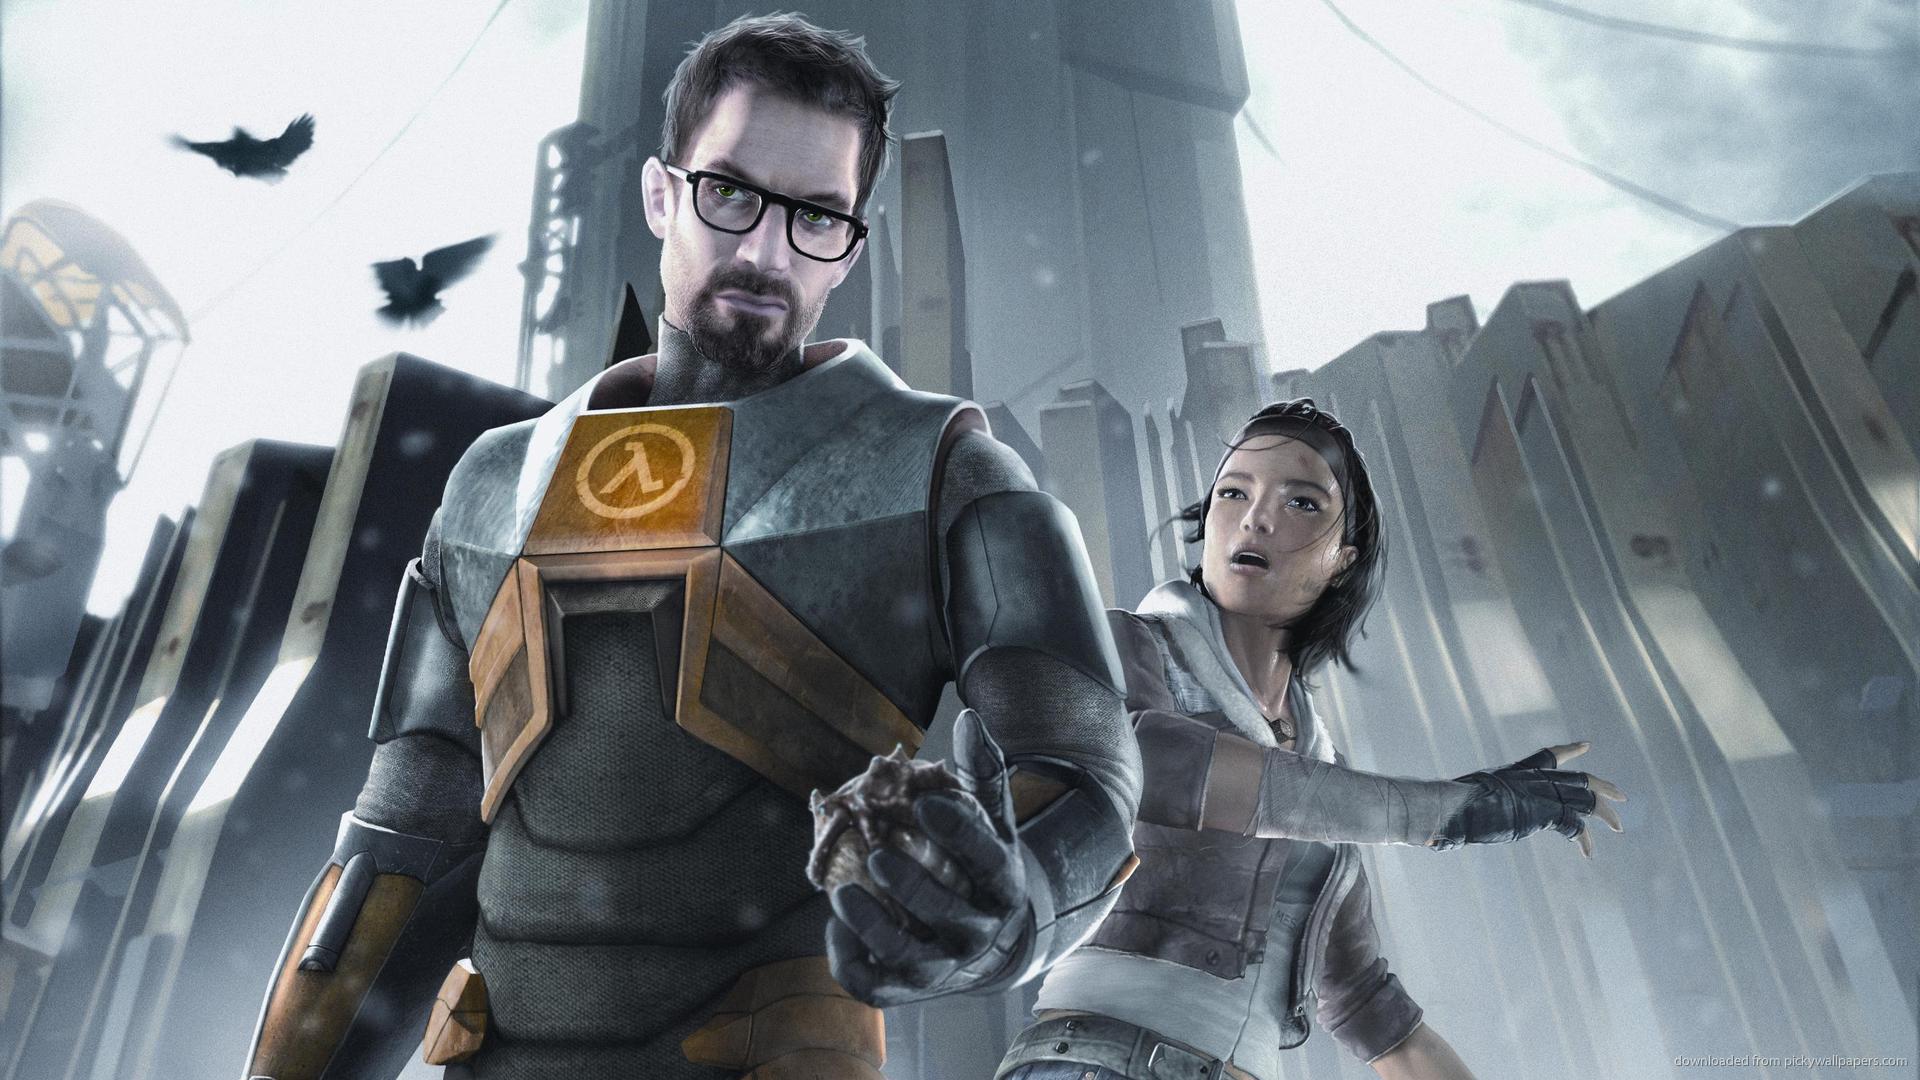 سری Half-Life را به صورت رایگان تجربه کنید